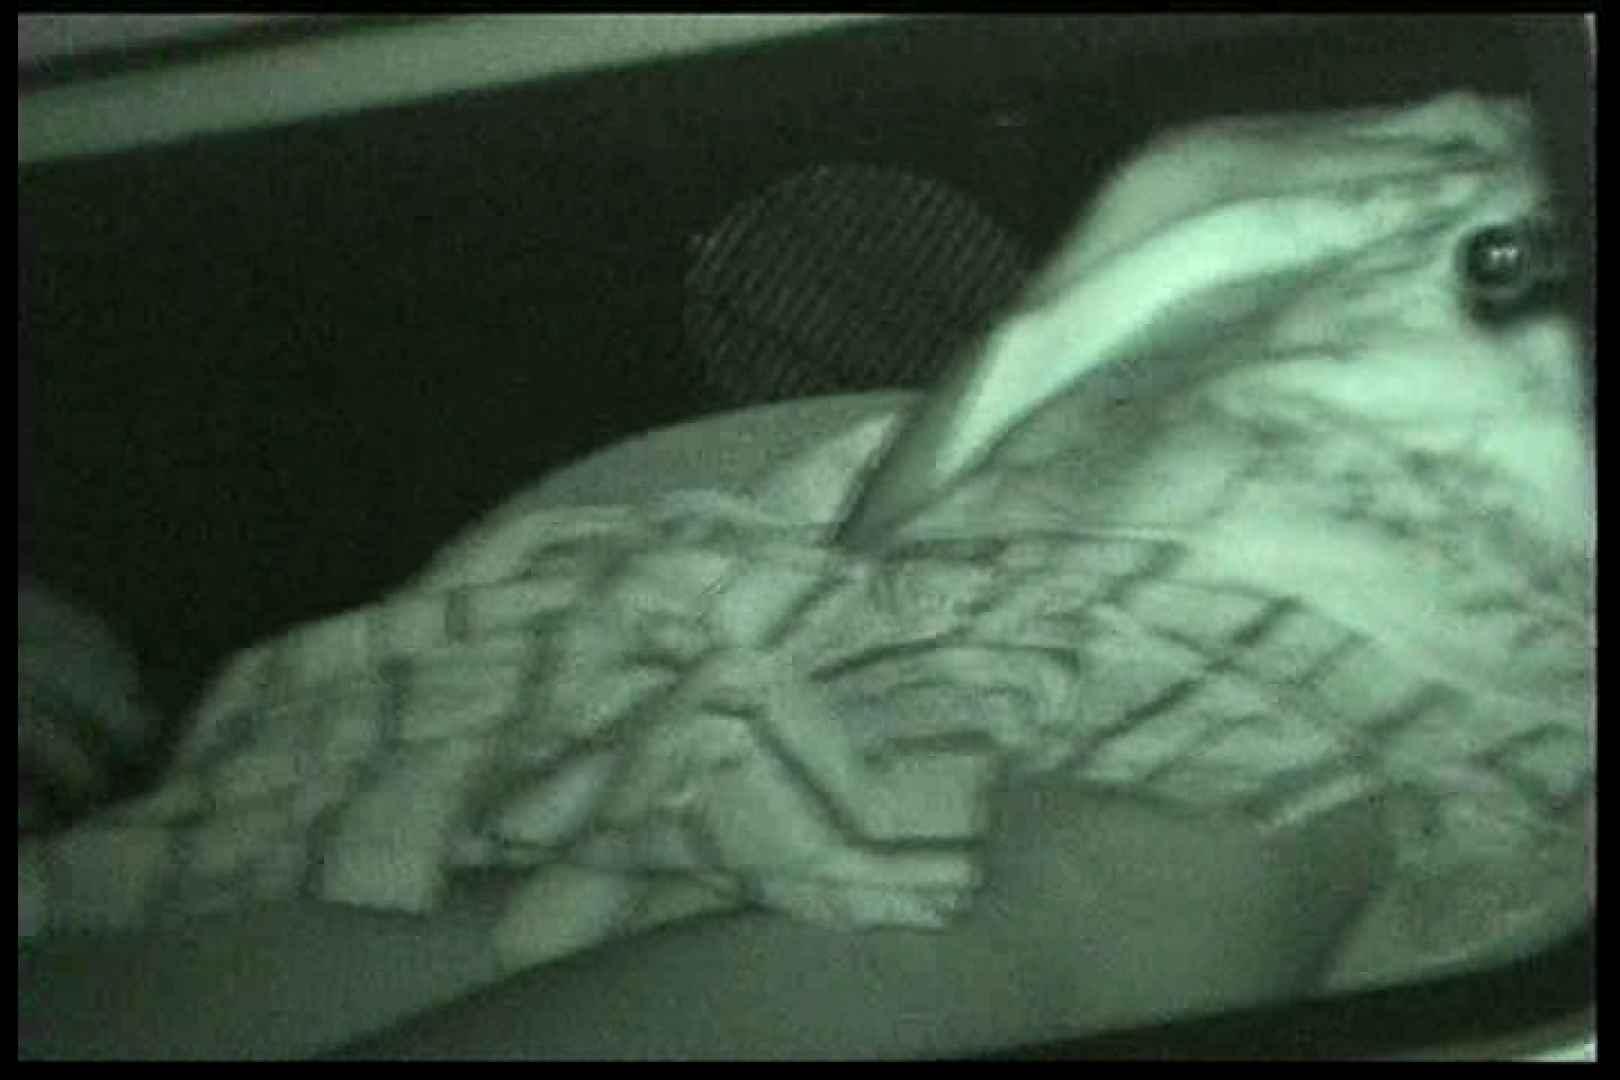 車の中はラブホテル 無修正版  Vol.13 マンコ映像 のぞき動画画像 80連発 9